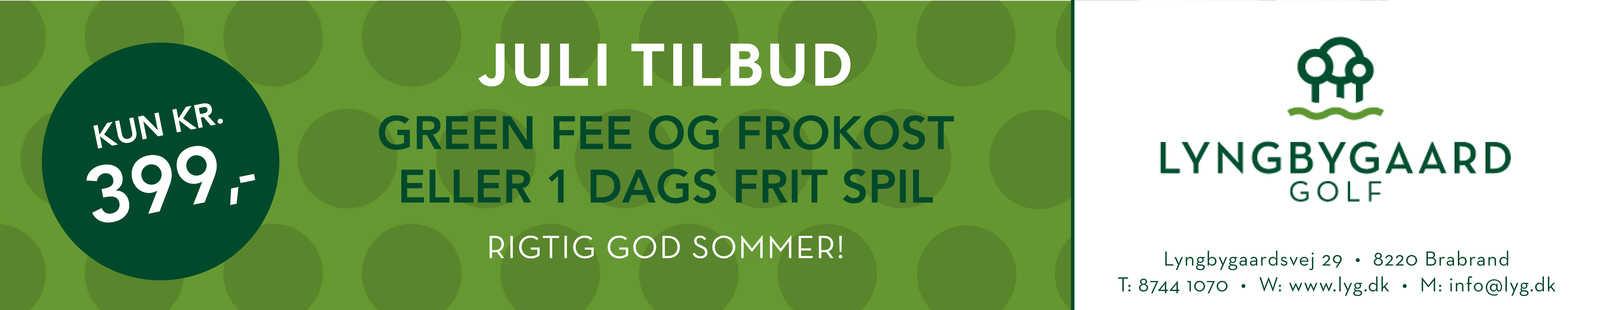 Lyngbygaard Golf juli tilbud